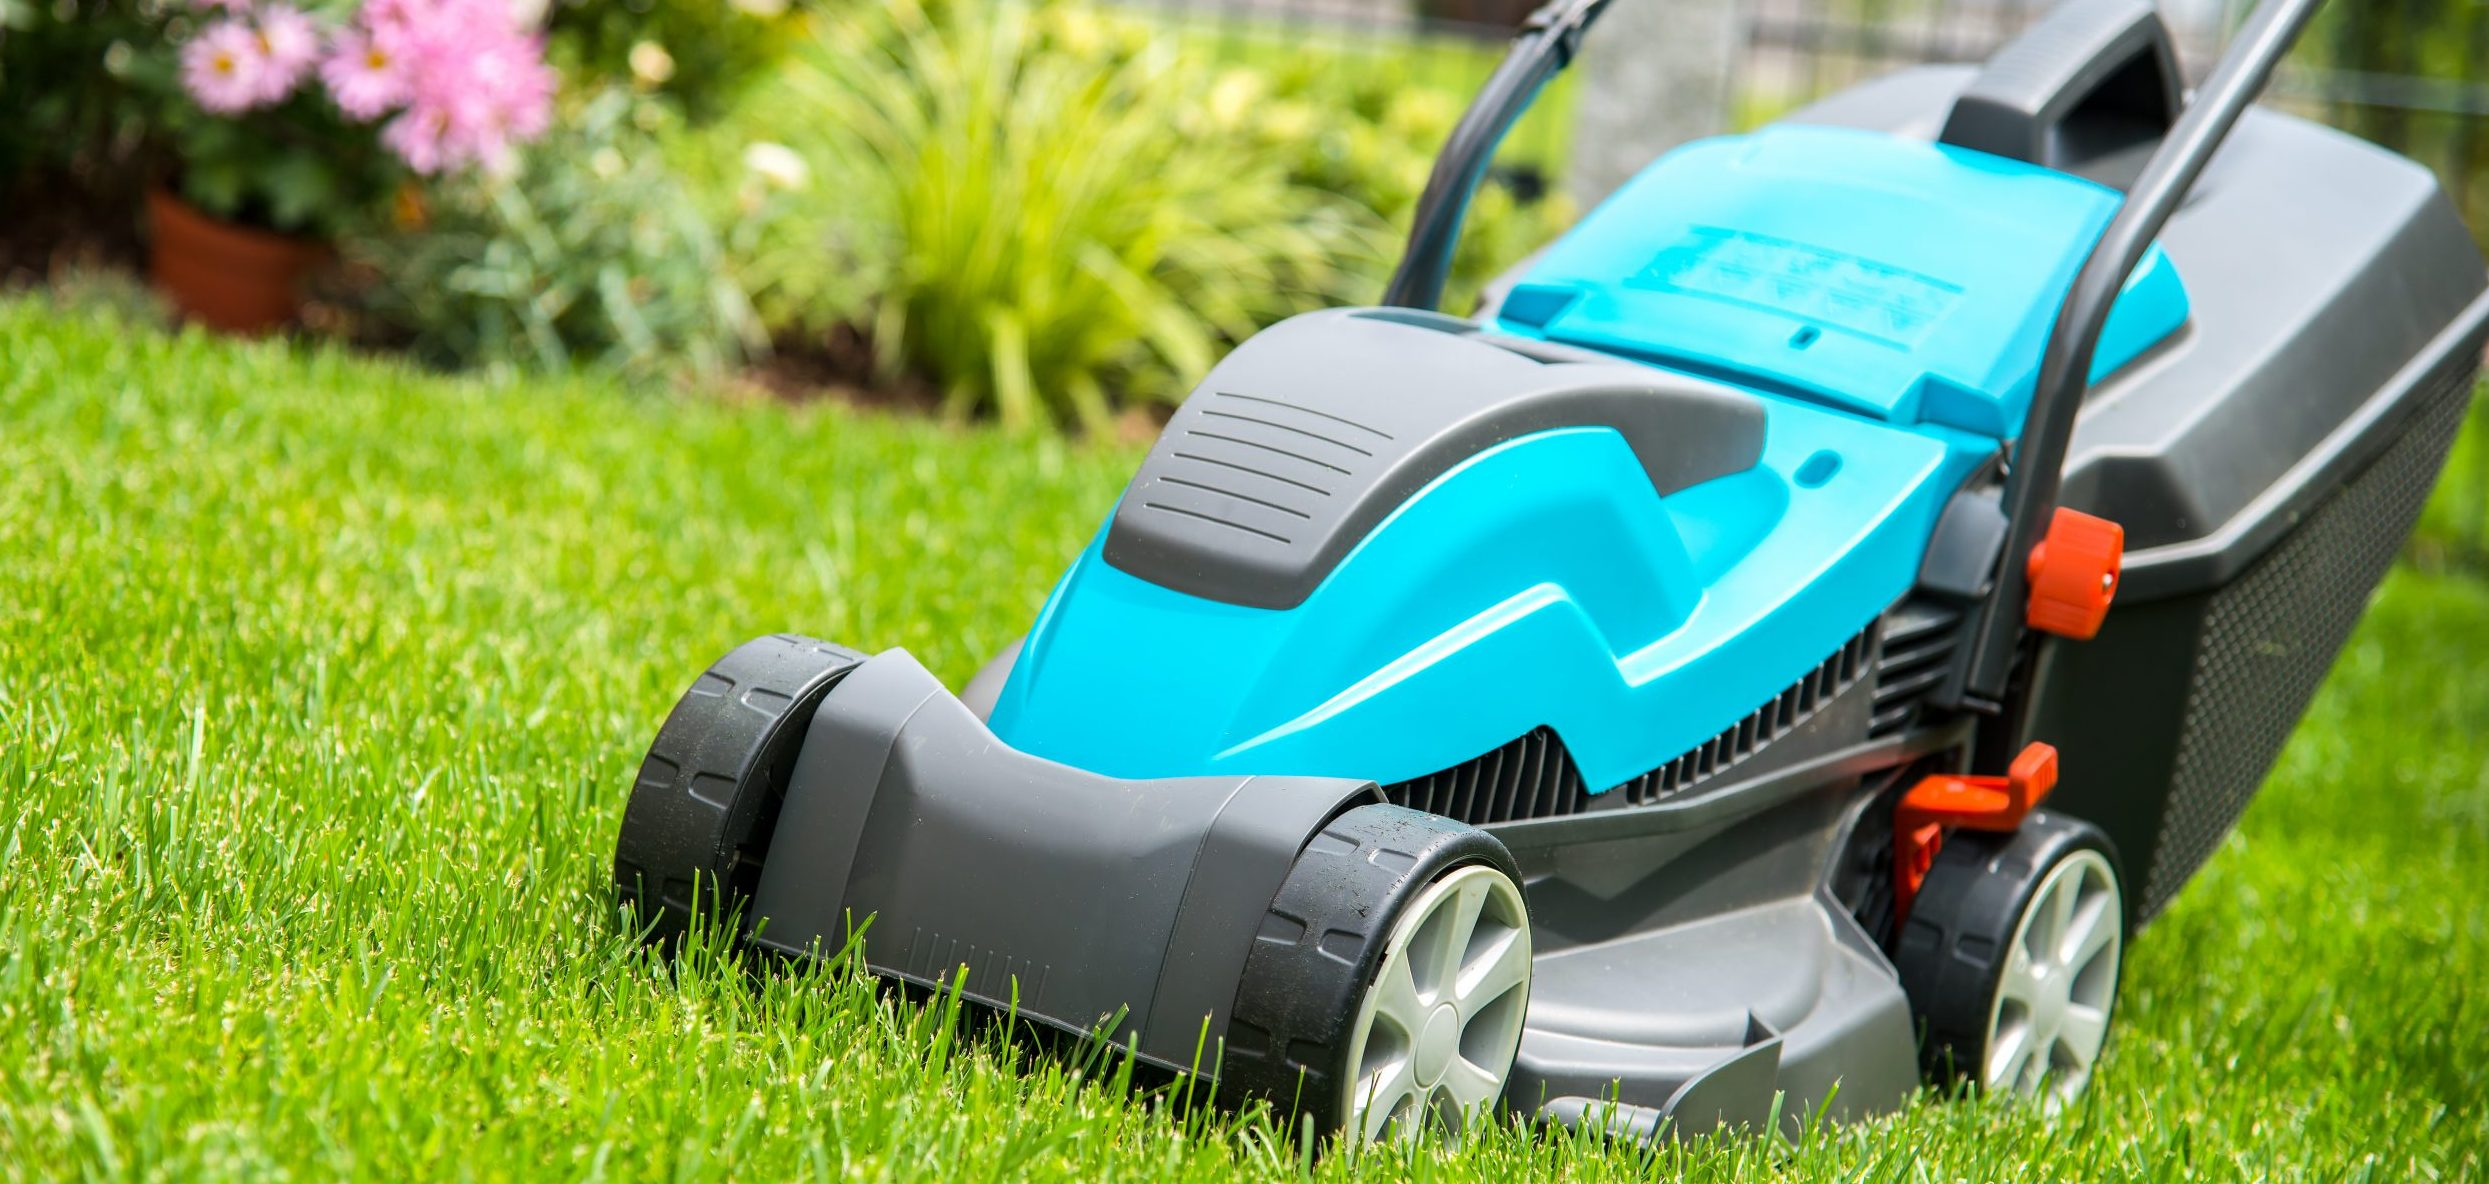 Cortador de grama elétrico: Quais são os melhores de 2020?